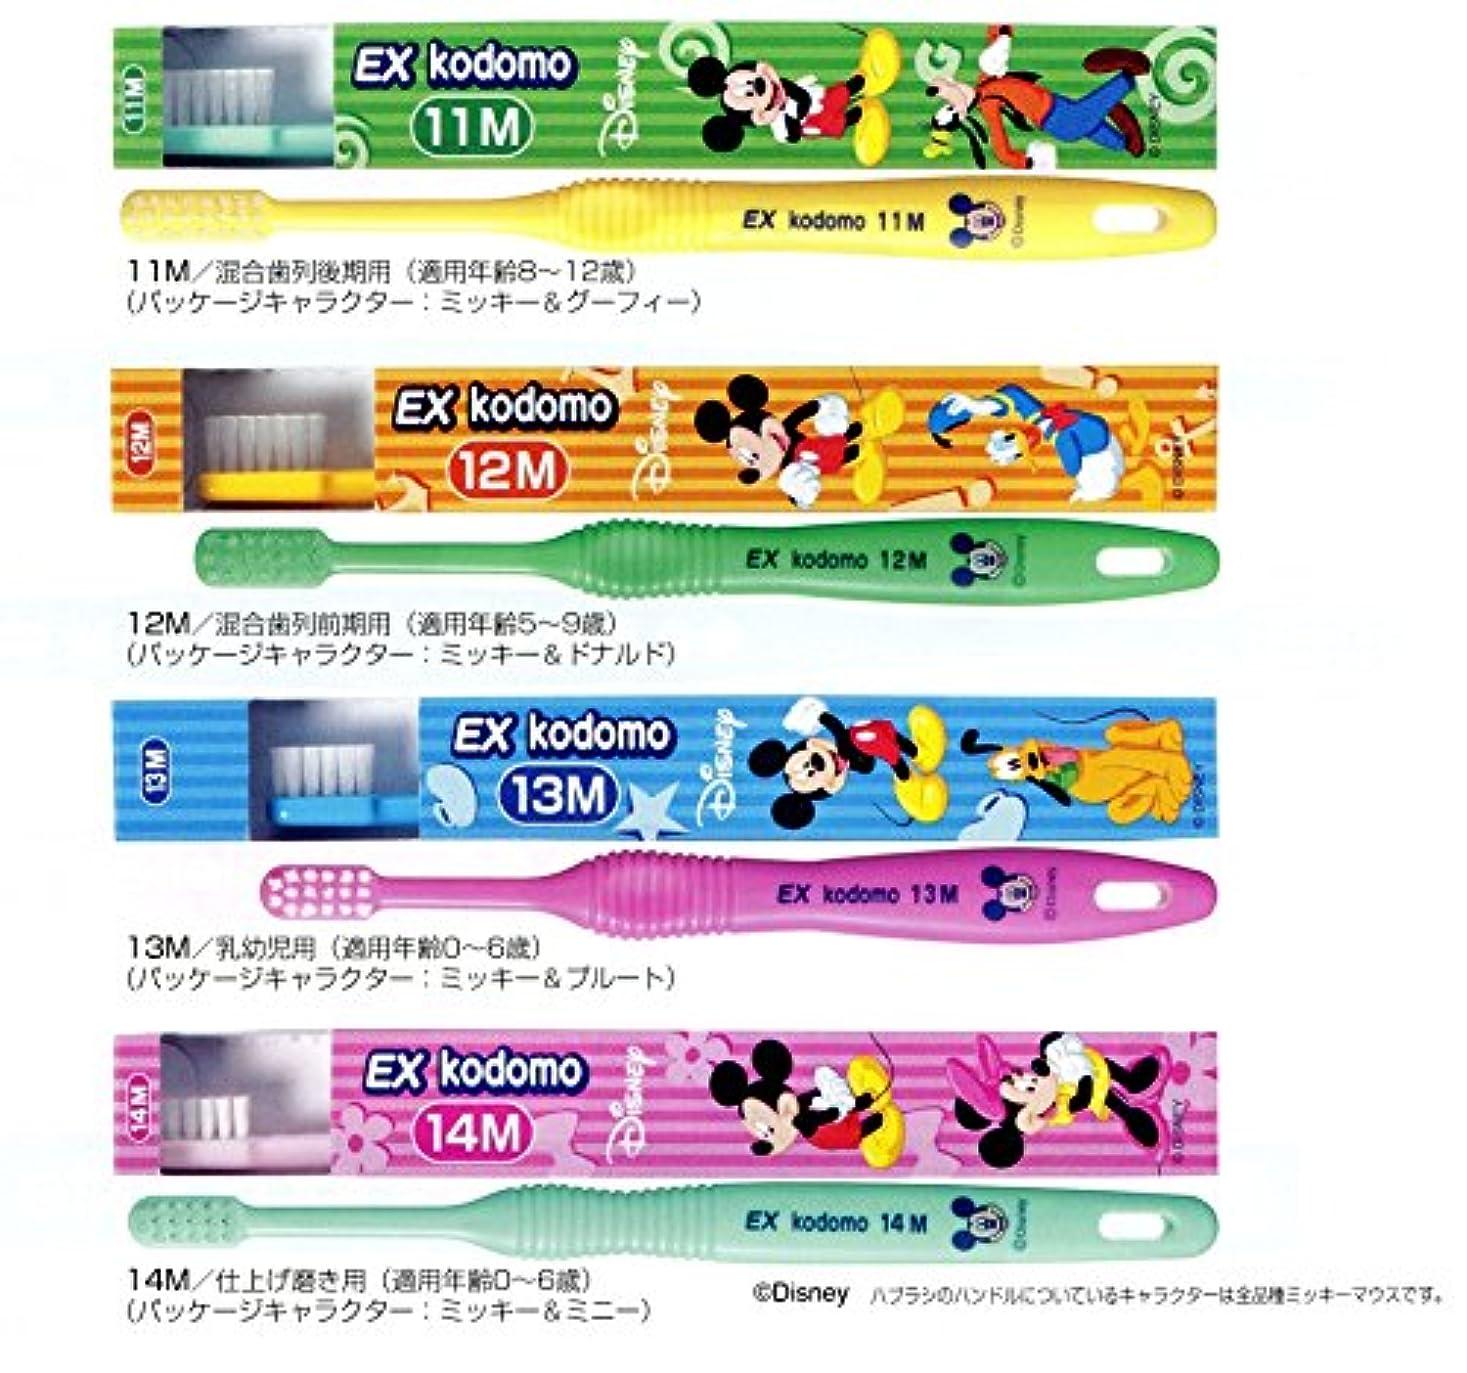 飾り羽株式会社ネクタイライオン コドモ ディズニー DENT.EX kodomo Disney 1本 11M ブルー (8?12歳)